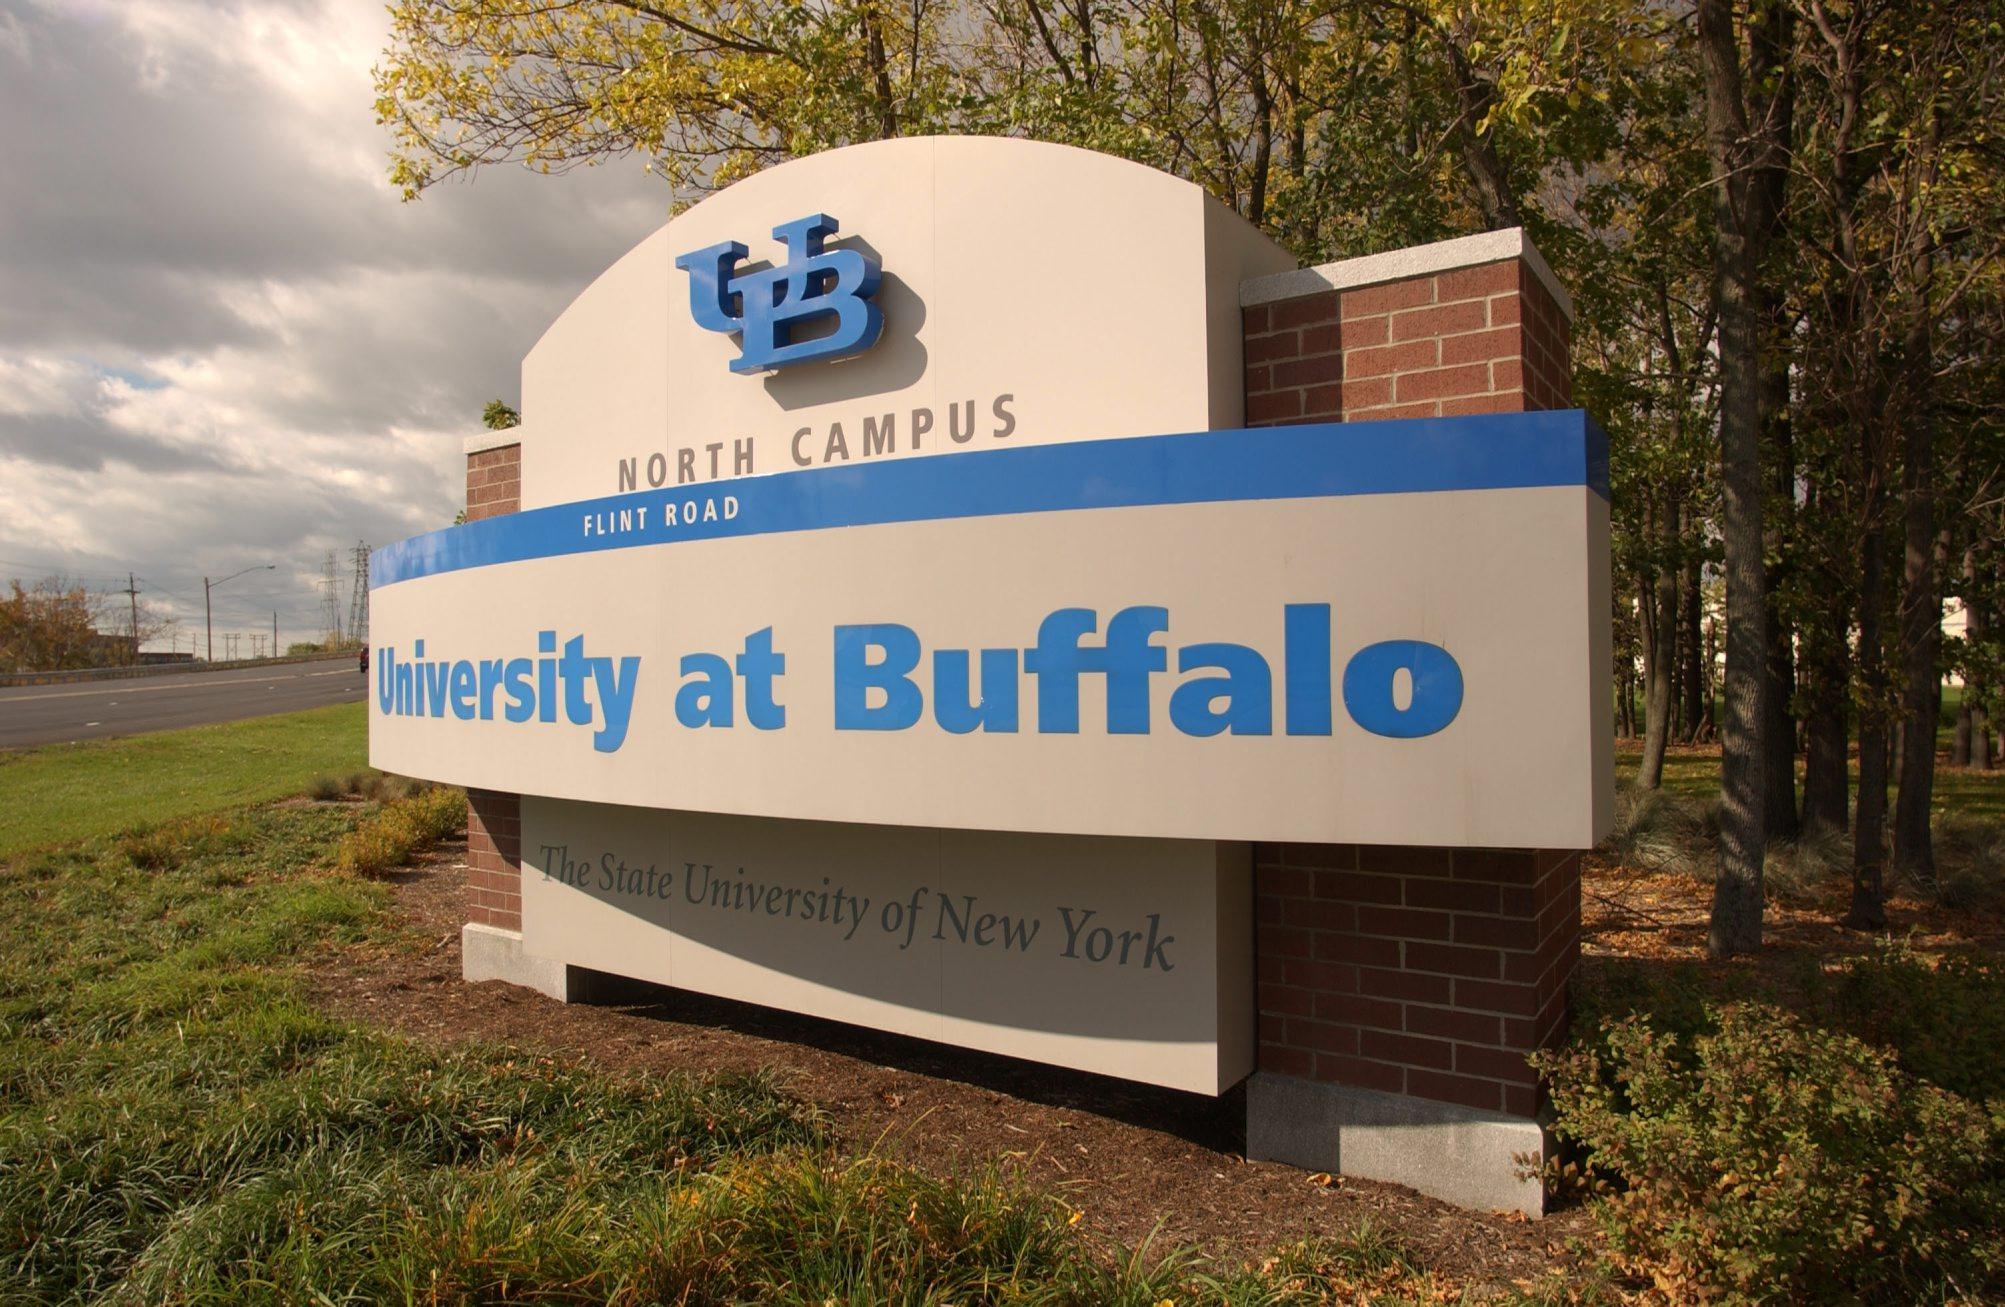 Tutoring Services at the University at Buffalo